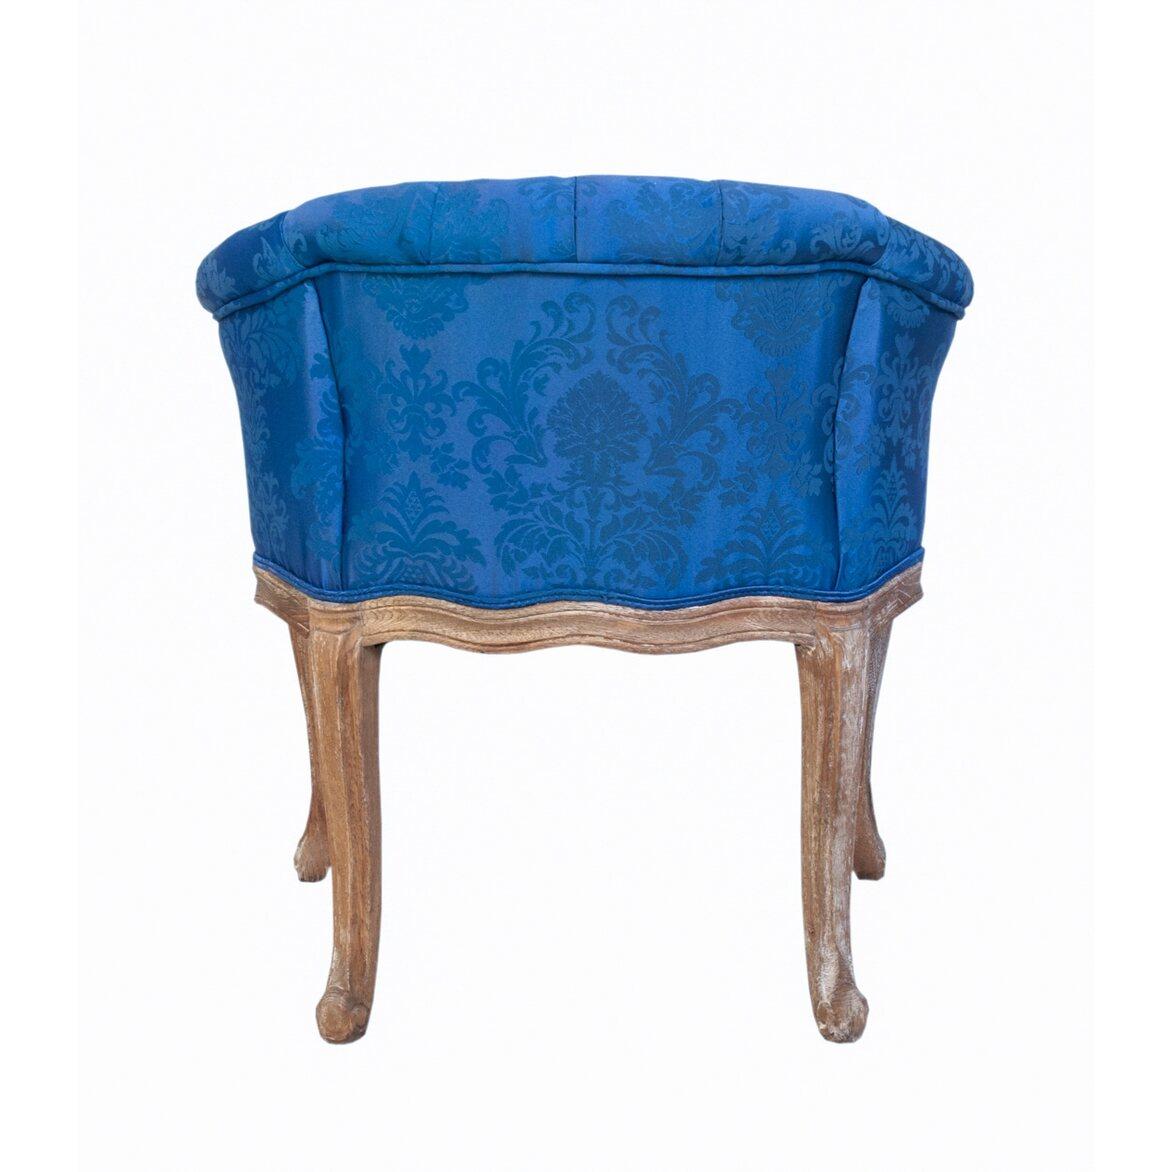 Низкое кресло Kandy blue 3 | Маленькие кресла Kingsby